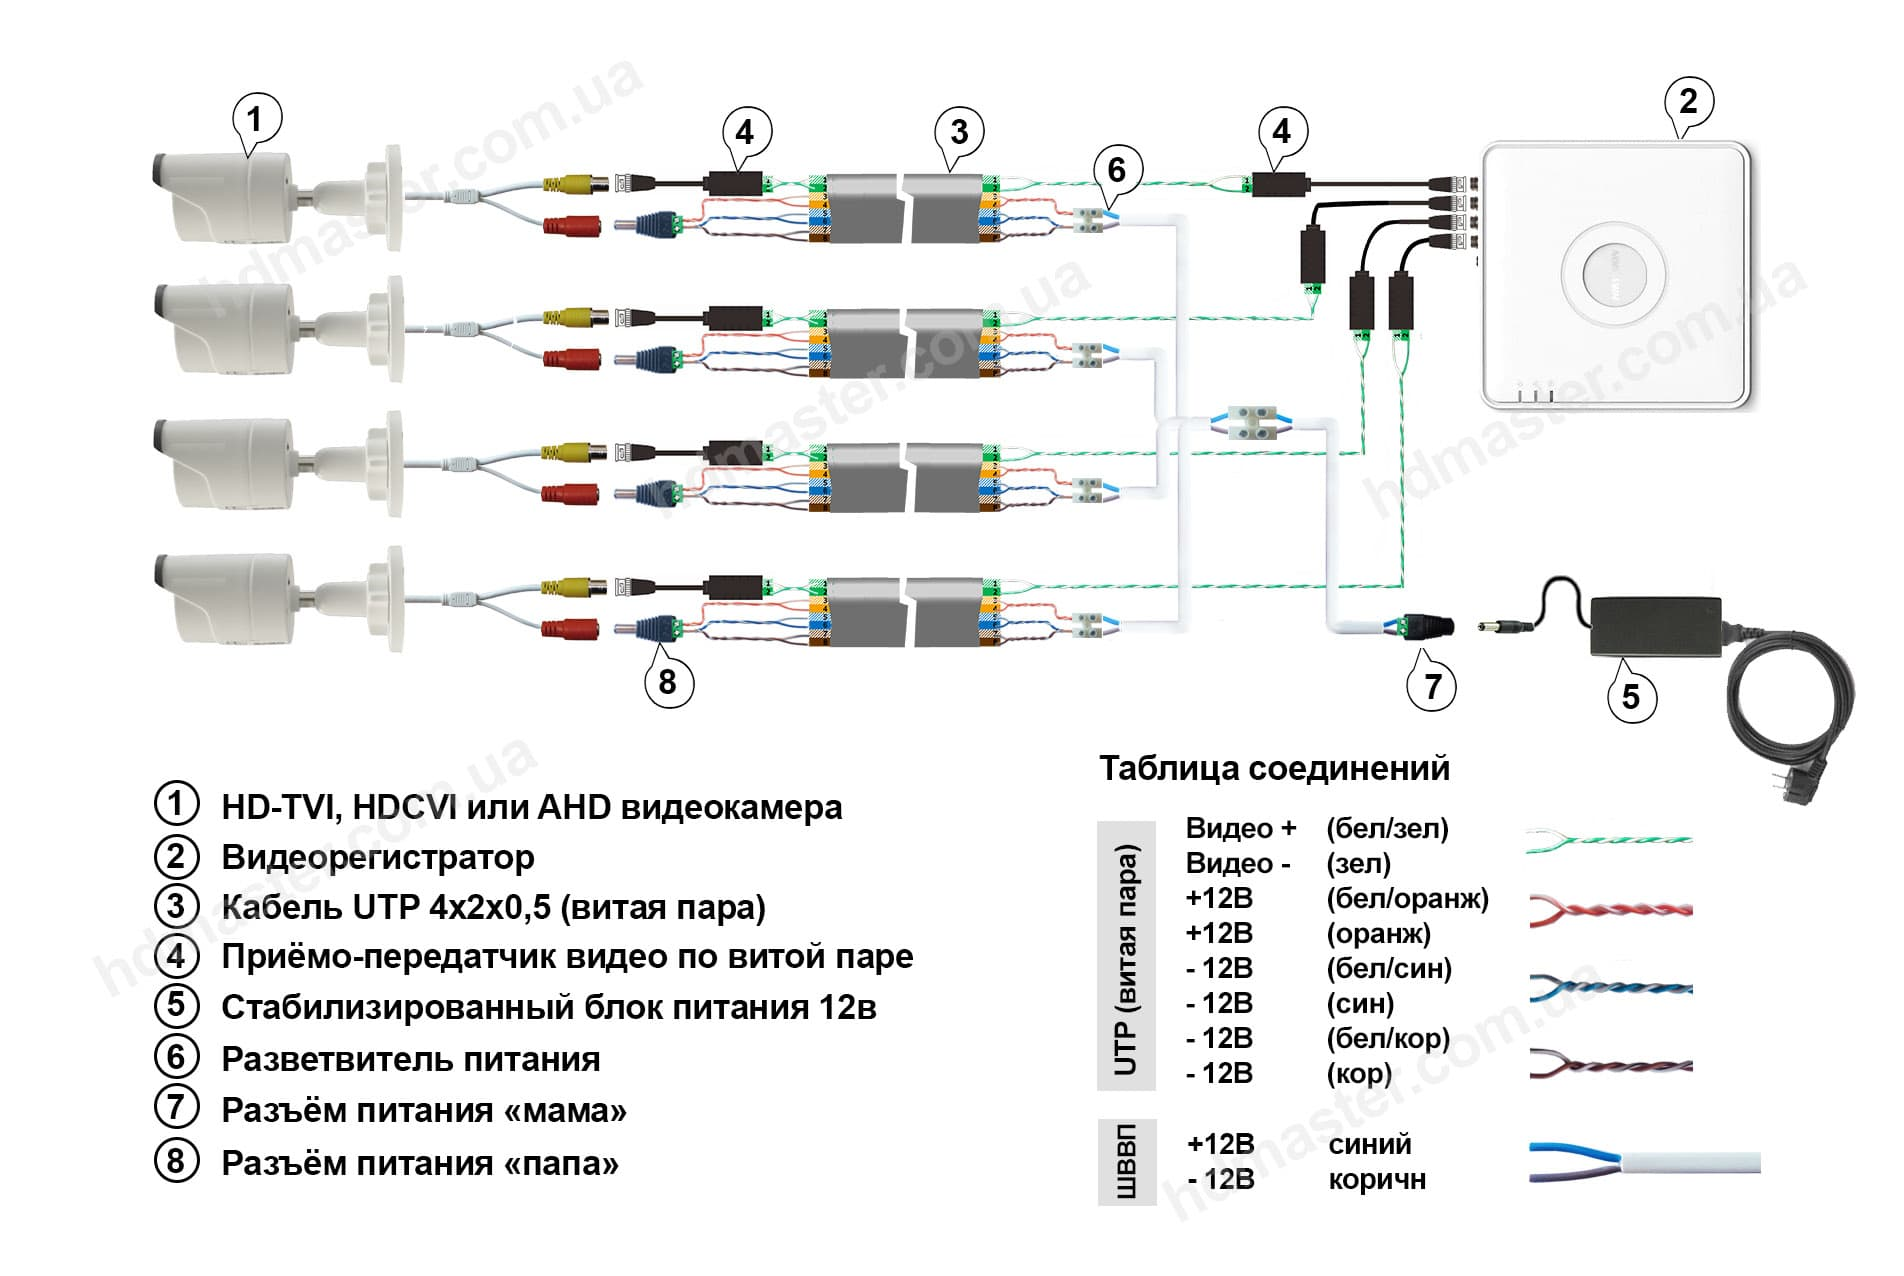 Схема подключений камер видеонаблюдения